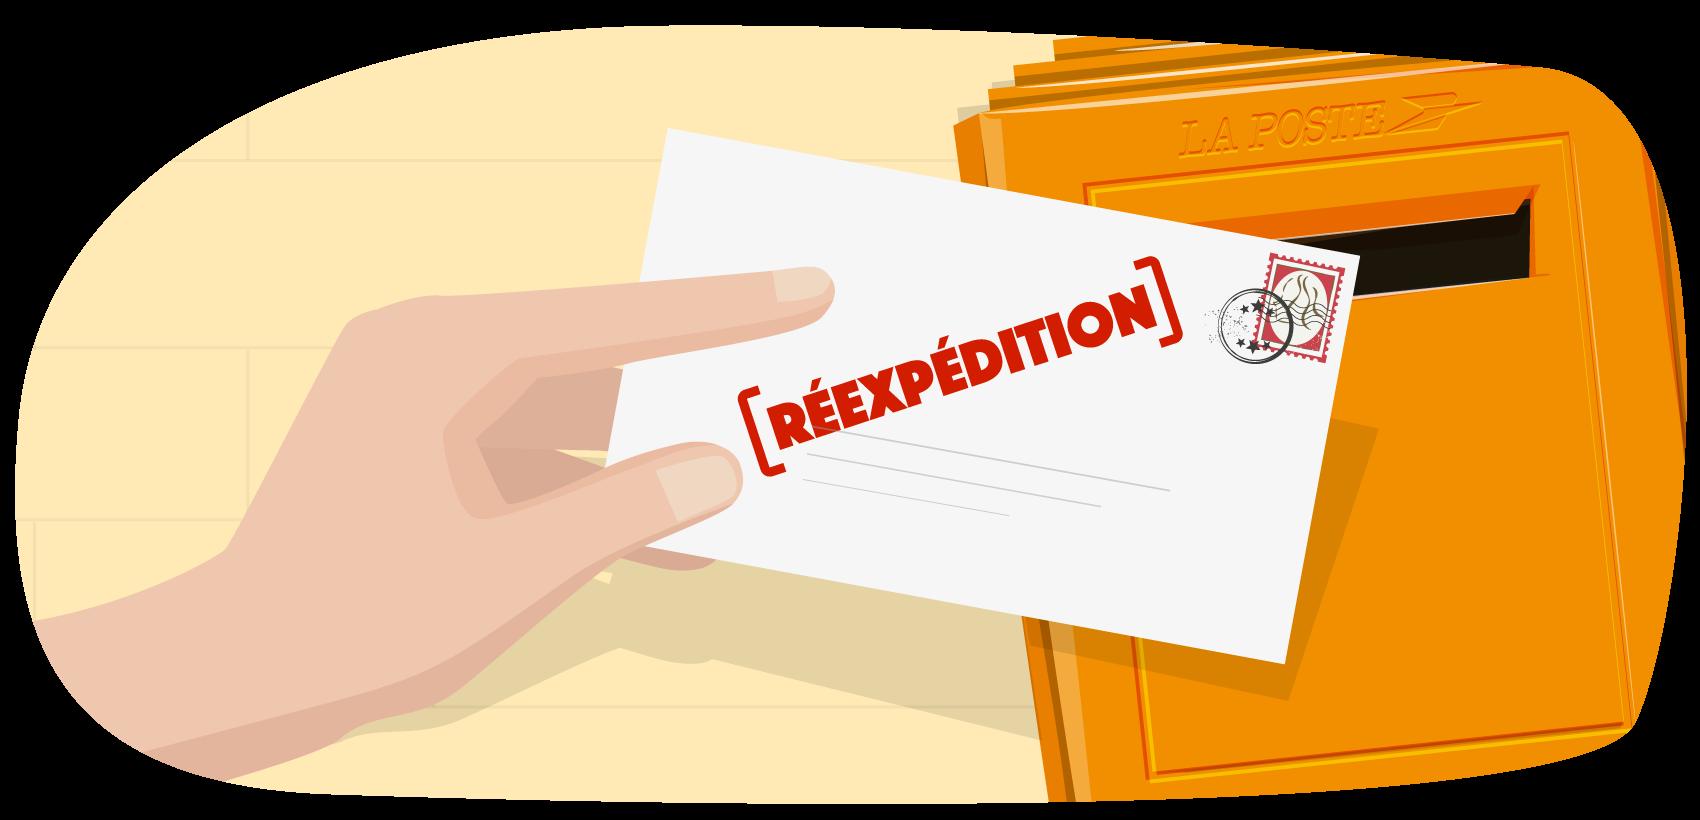 Domiciliation et exercice domicile quelles diff rences for Reexpedition du courrier temporaire